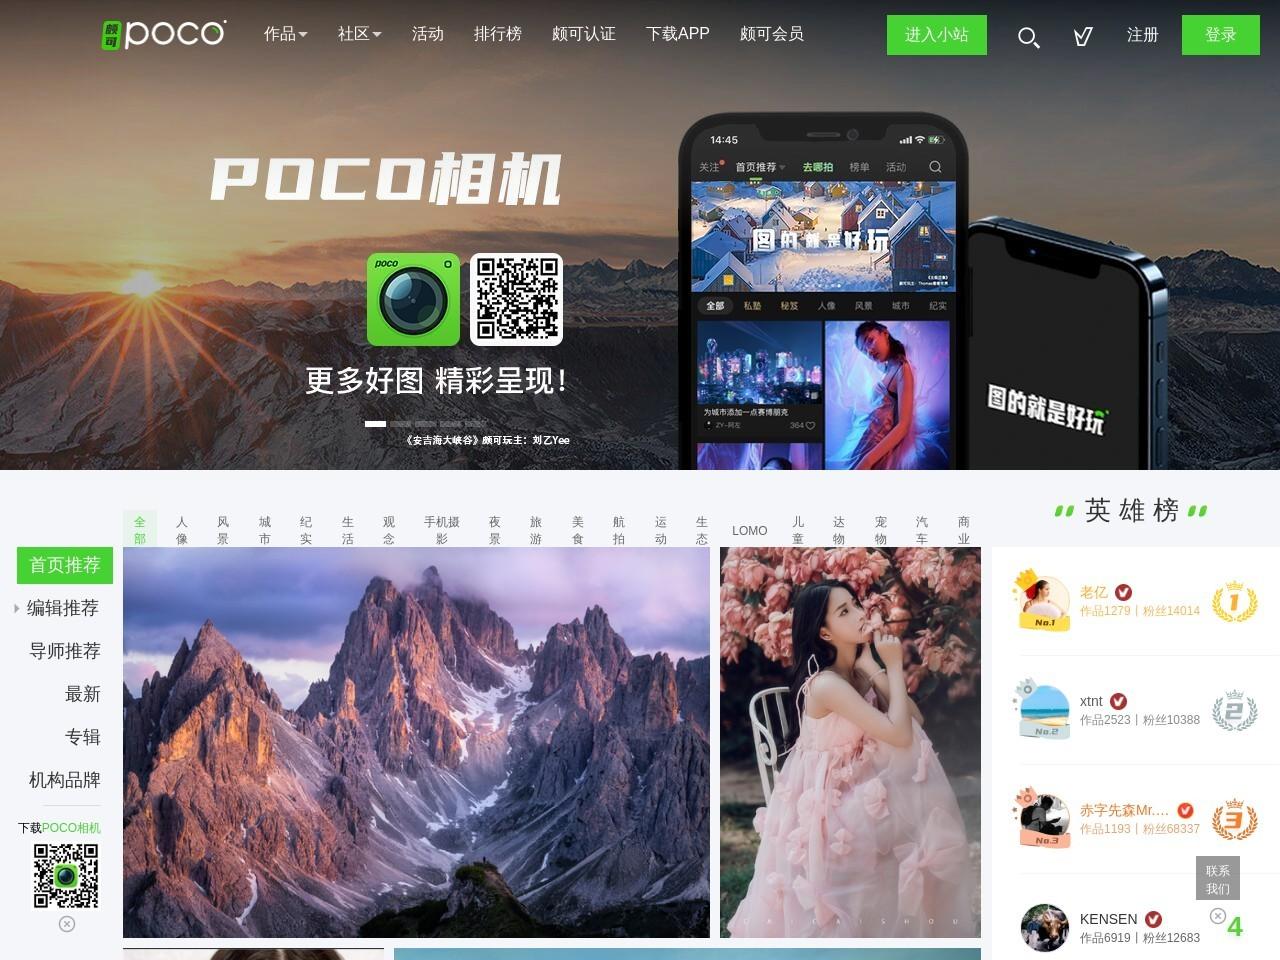 POCO摄影图片社区